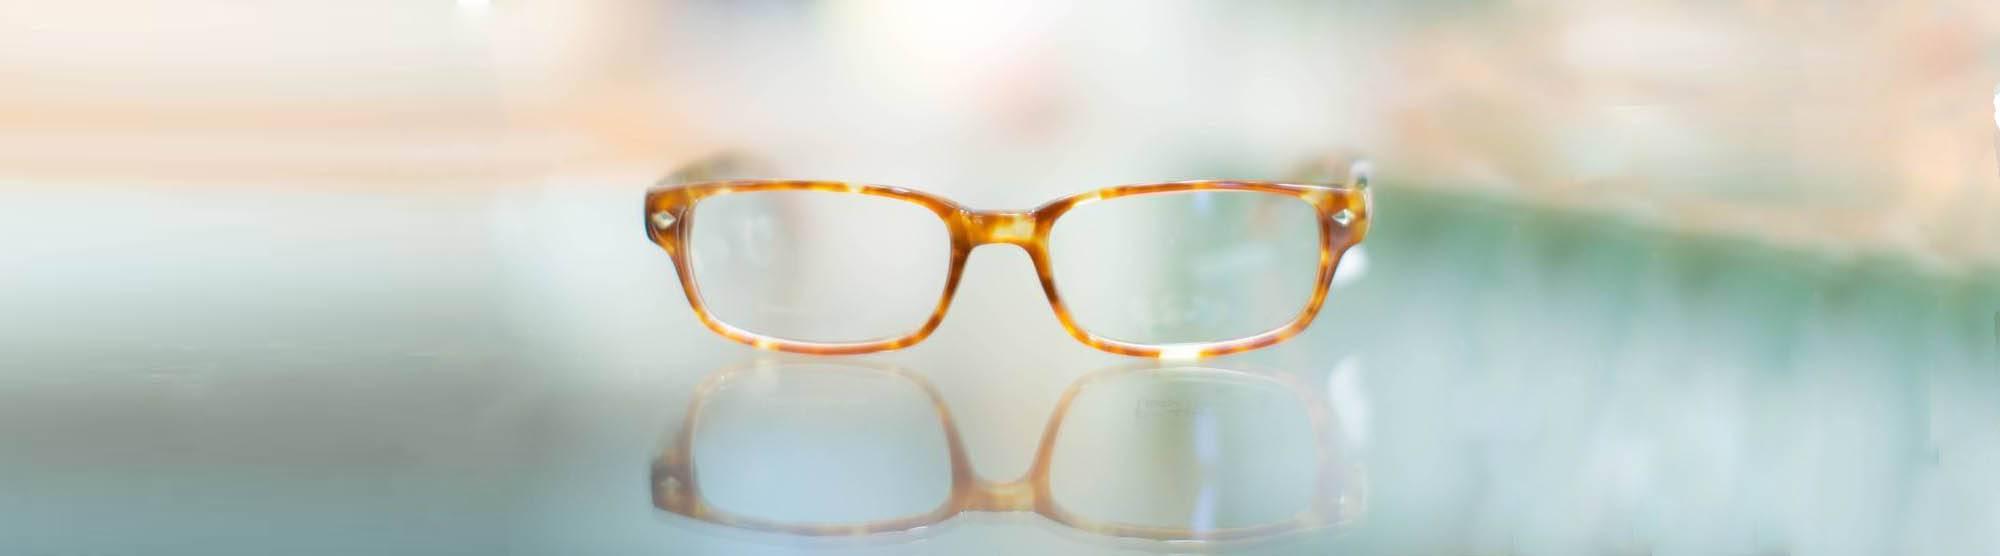 childhero-glasses